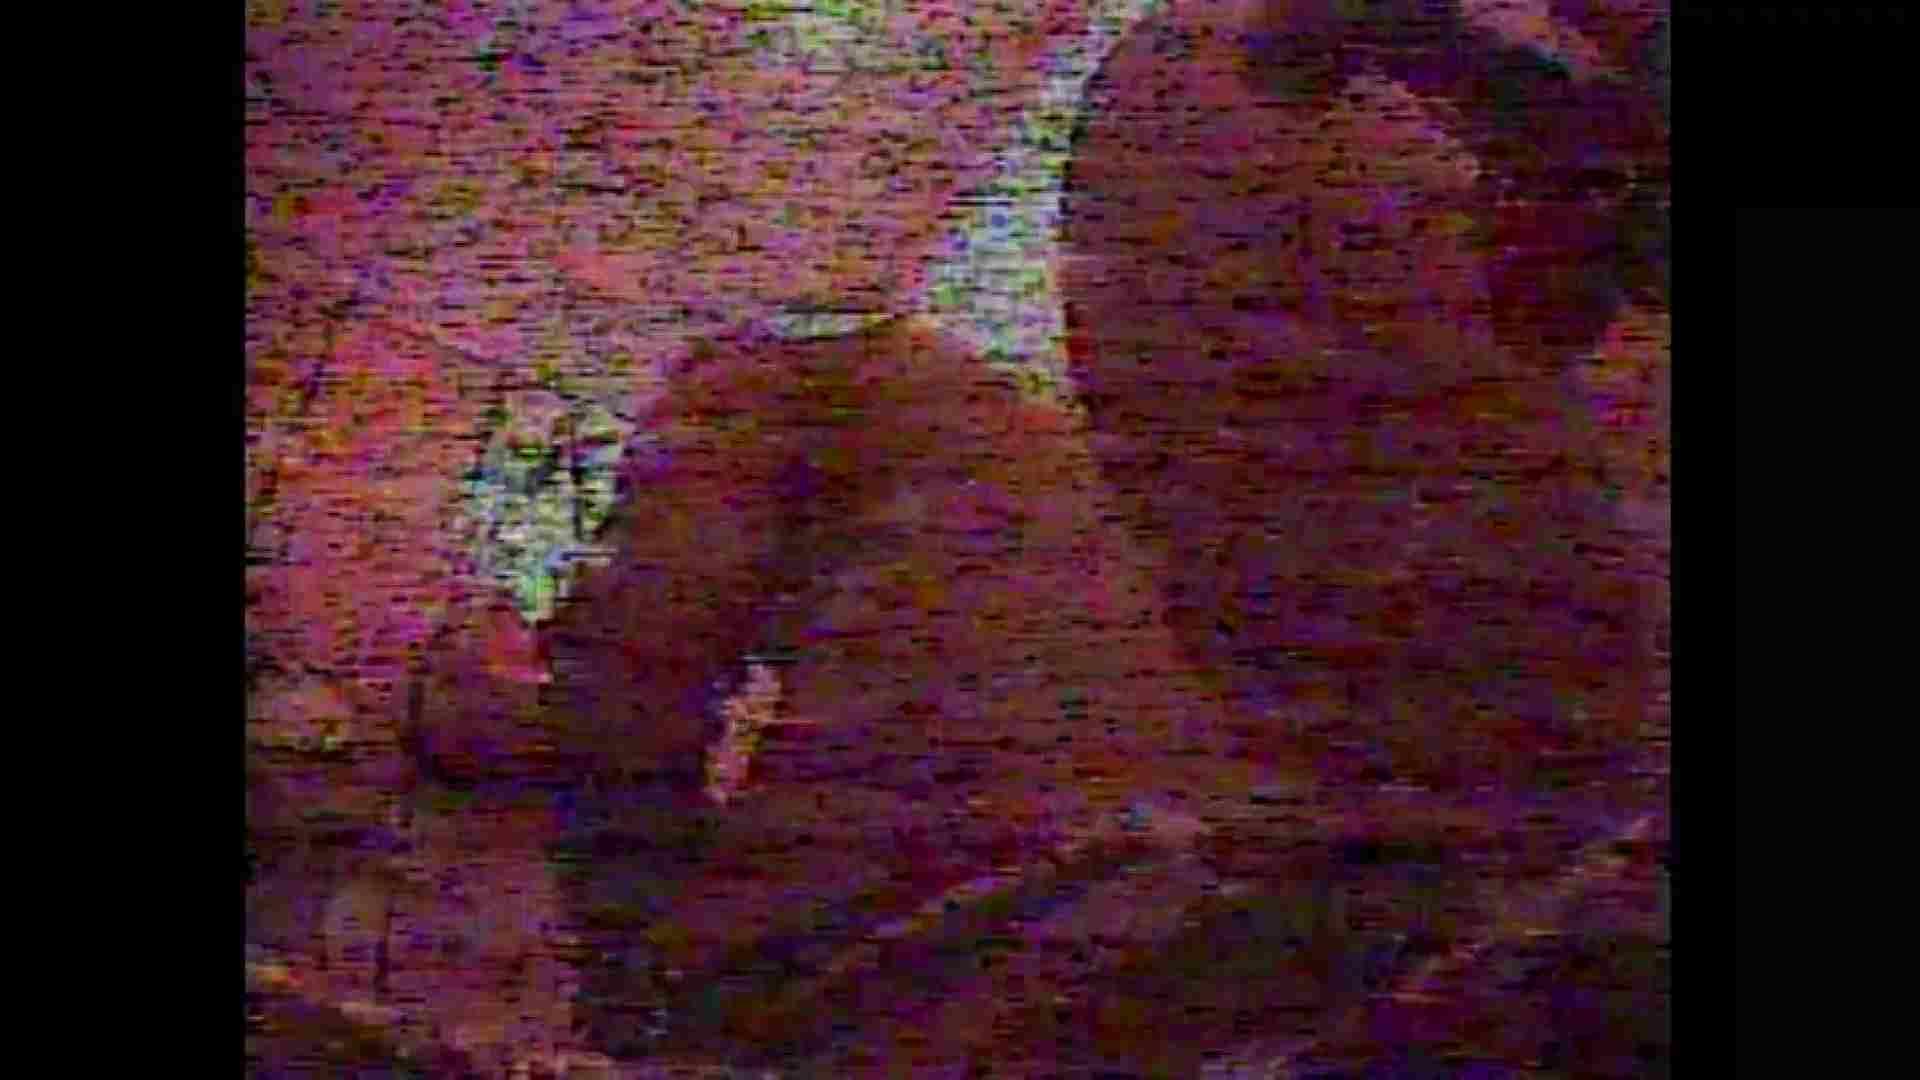 レース場での秘め事 Vol.05 エロくん潜入 われめAV動画紹介 24連発 19